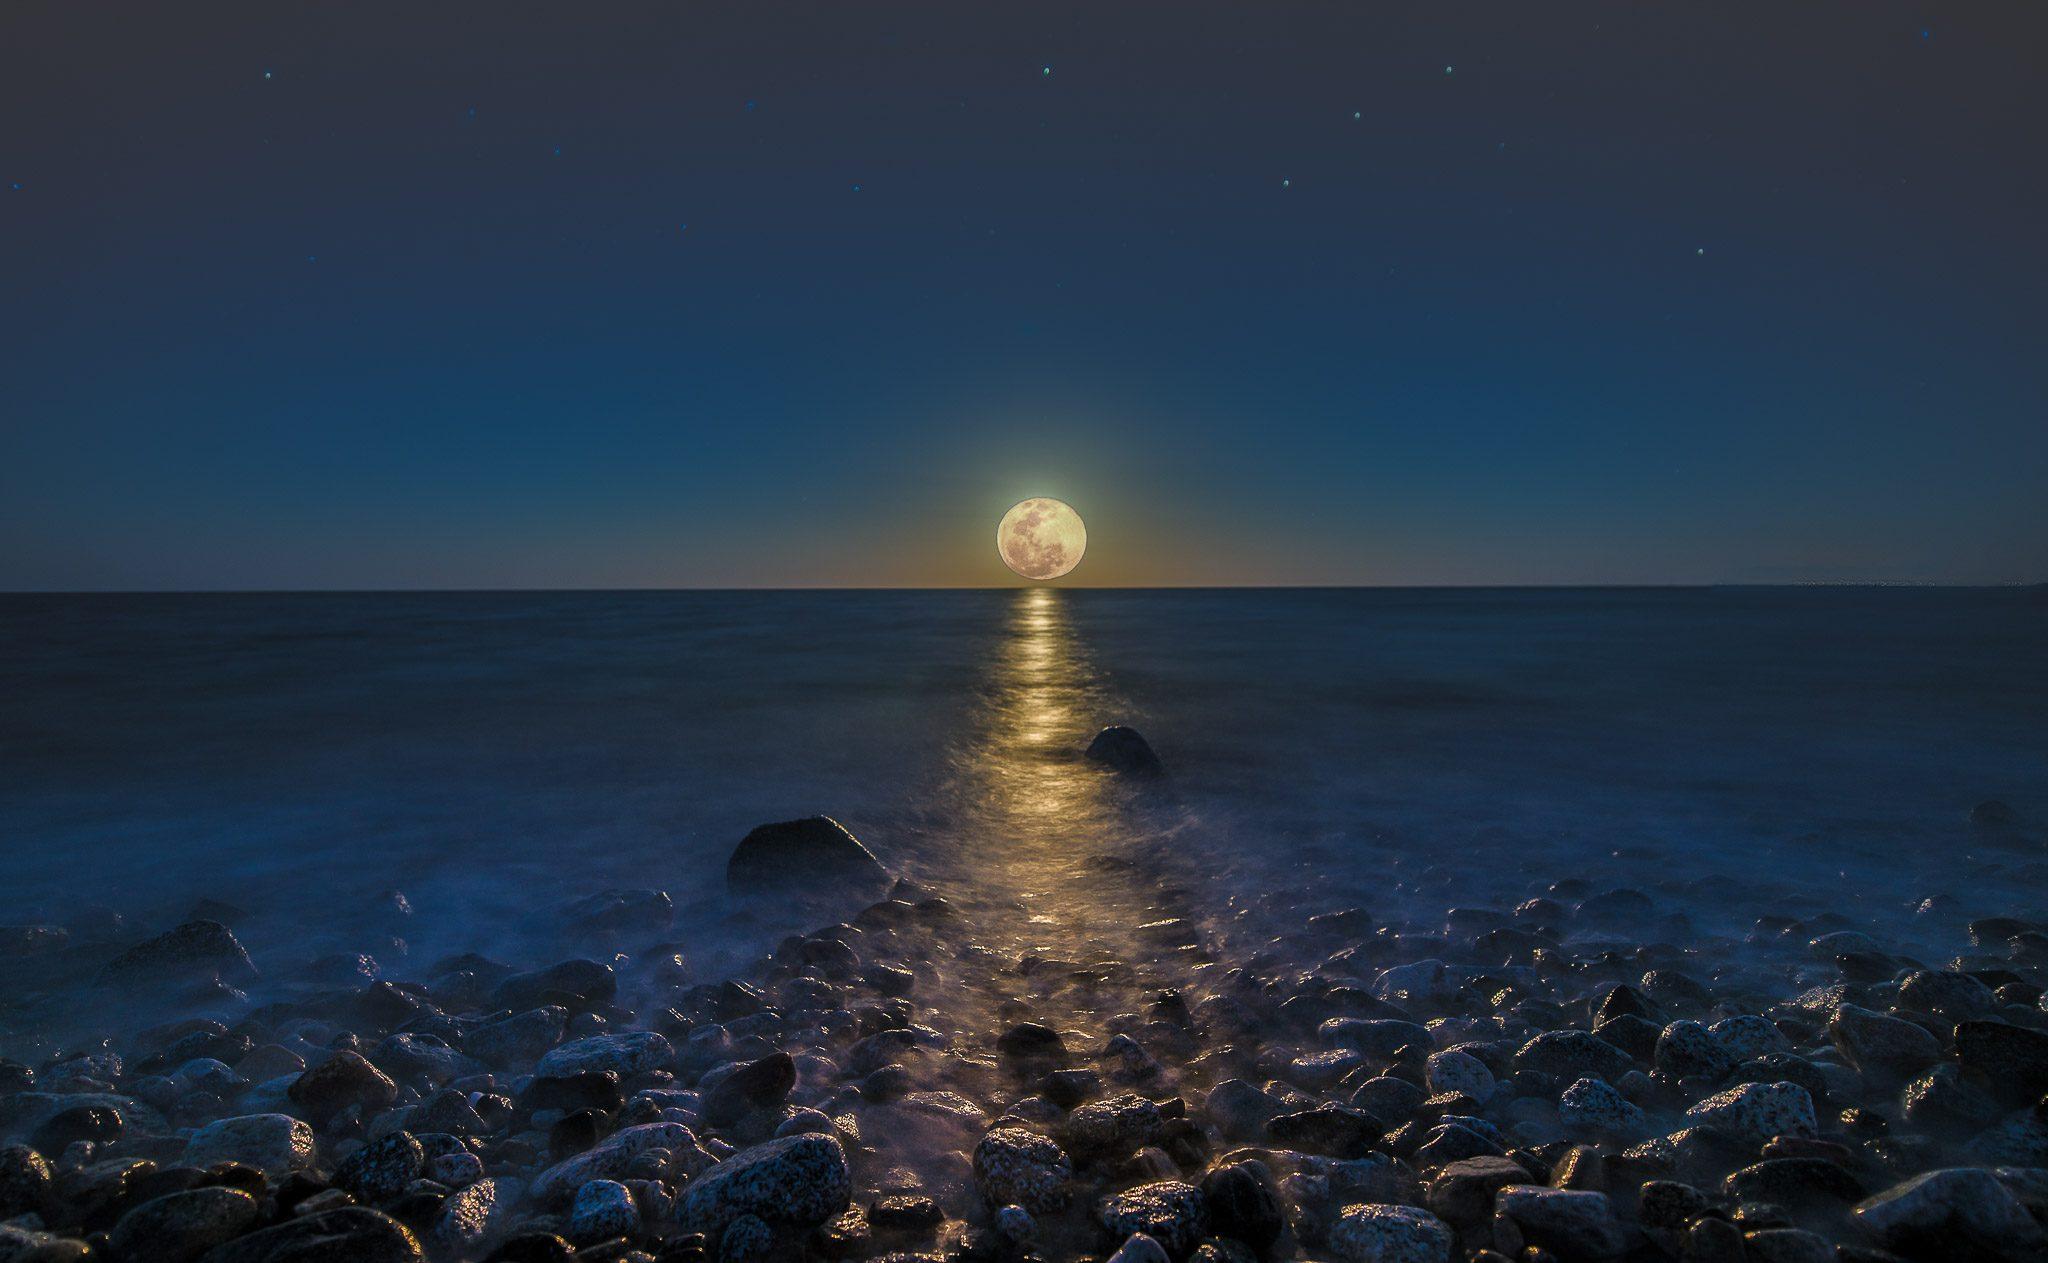 Sea Of Cortez Full Moon Taken in Los Barriles Baja California Sur Mexico